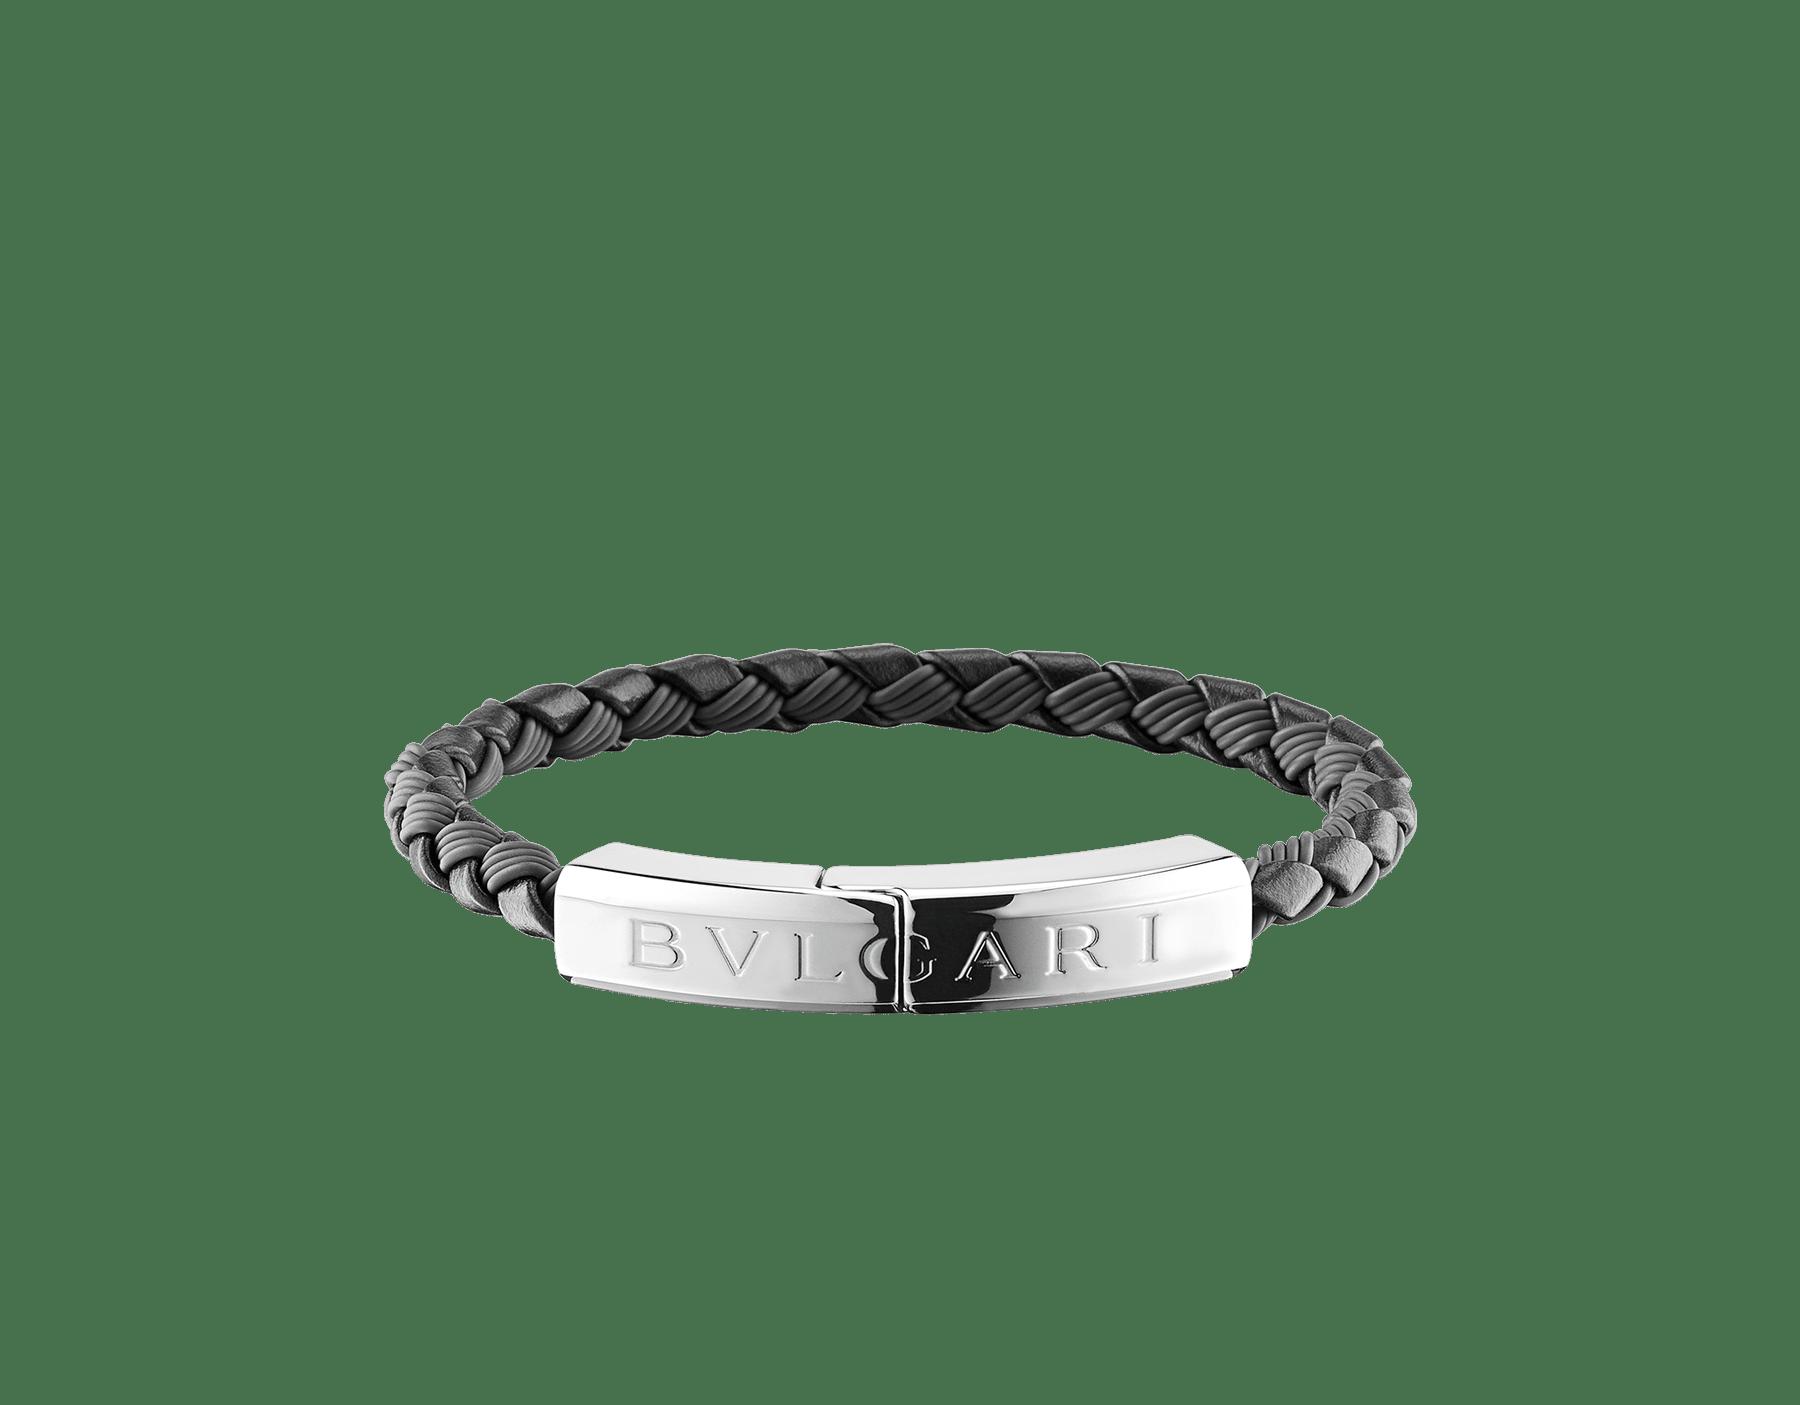 """Pulseira """"BVLGARI BVLGARI"""" em couro de novilho preto e borracha preta com um fecho banhado a prata com logotipo Bvlgari. LogoPlate-CLR-B image 1"""